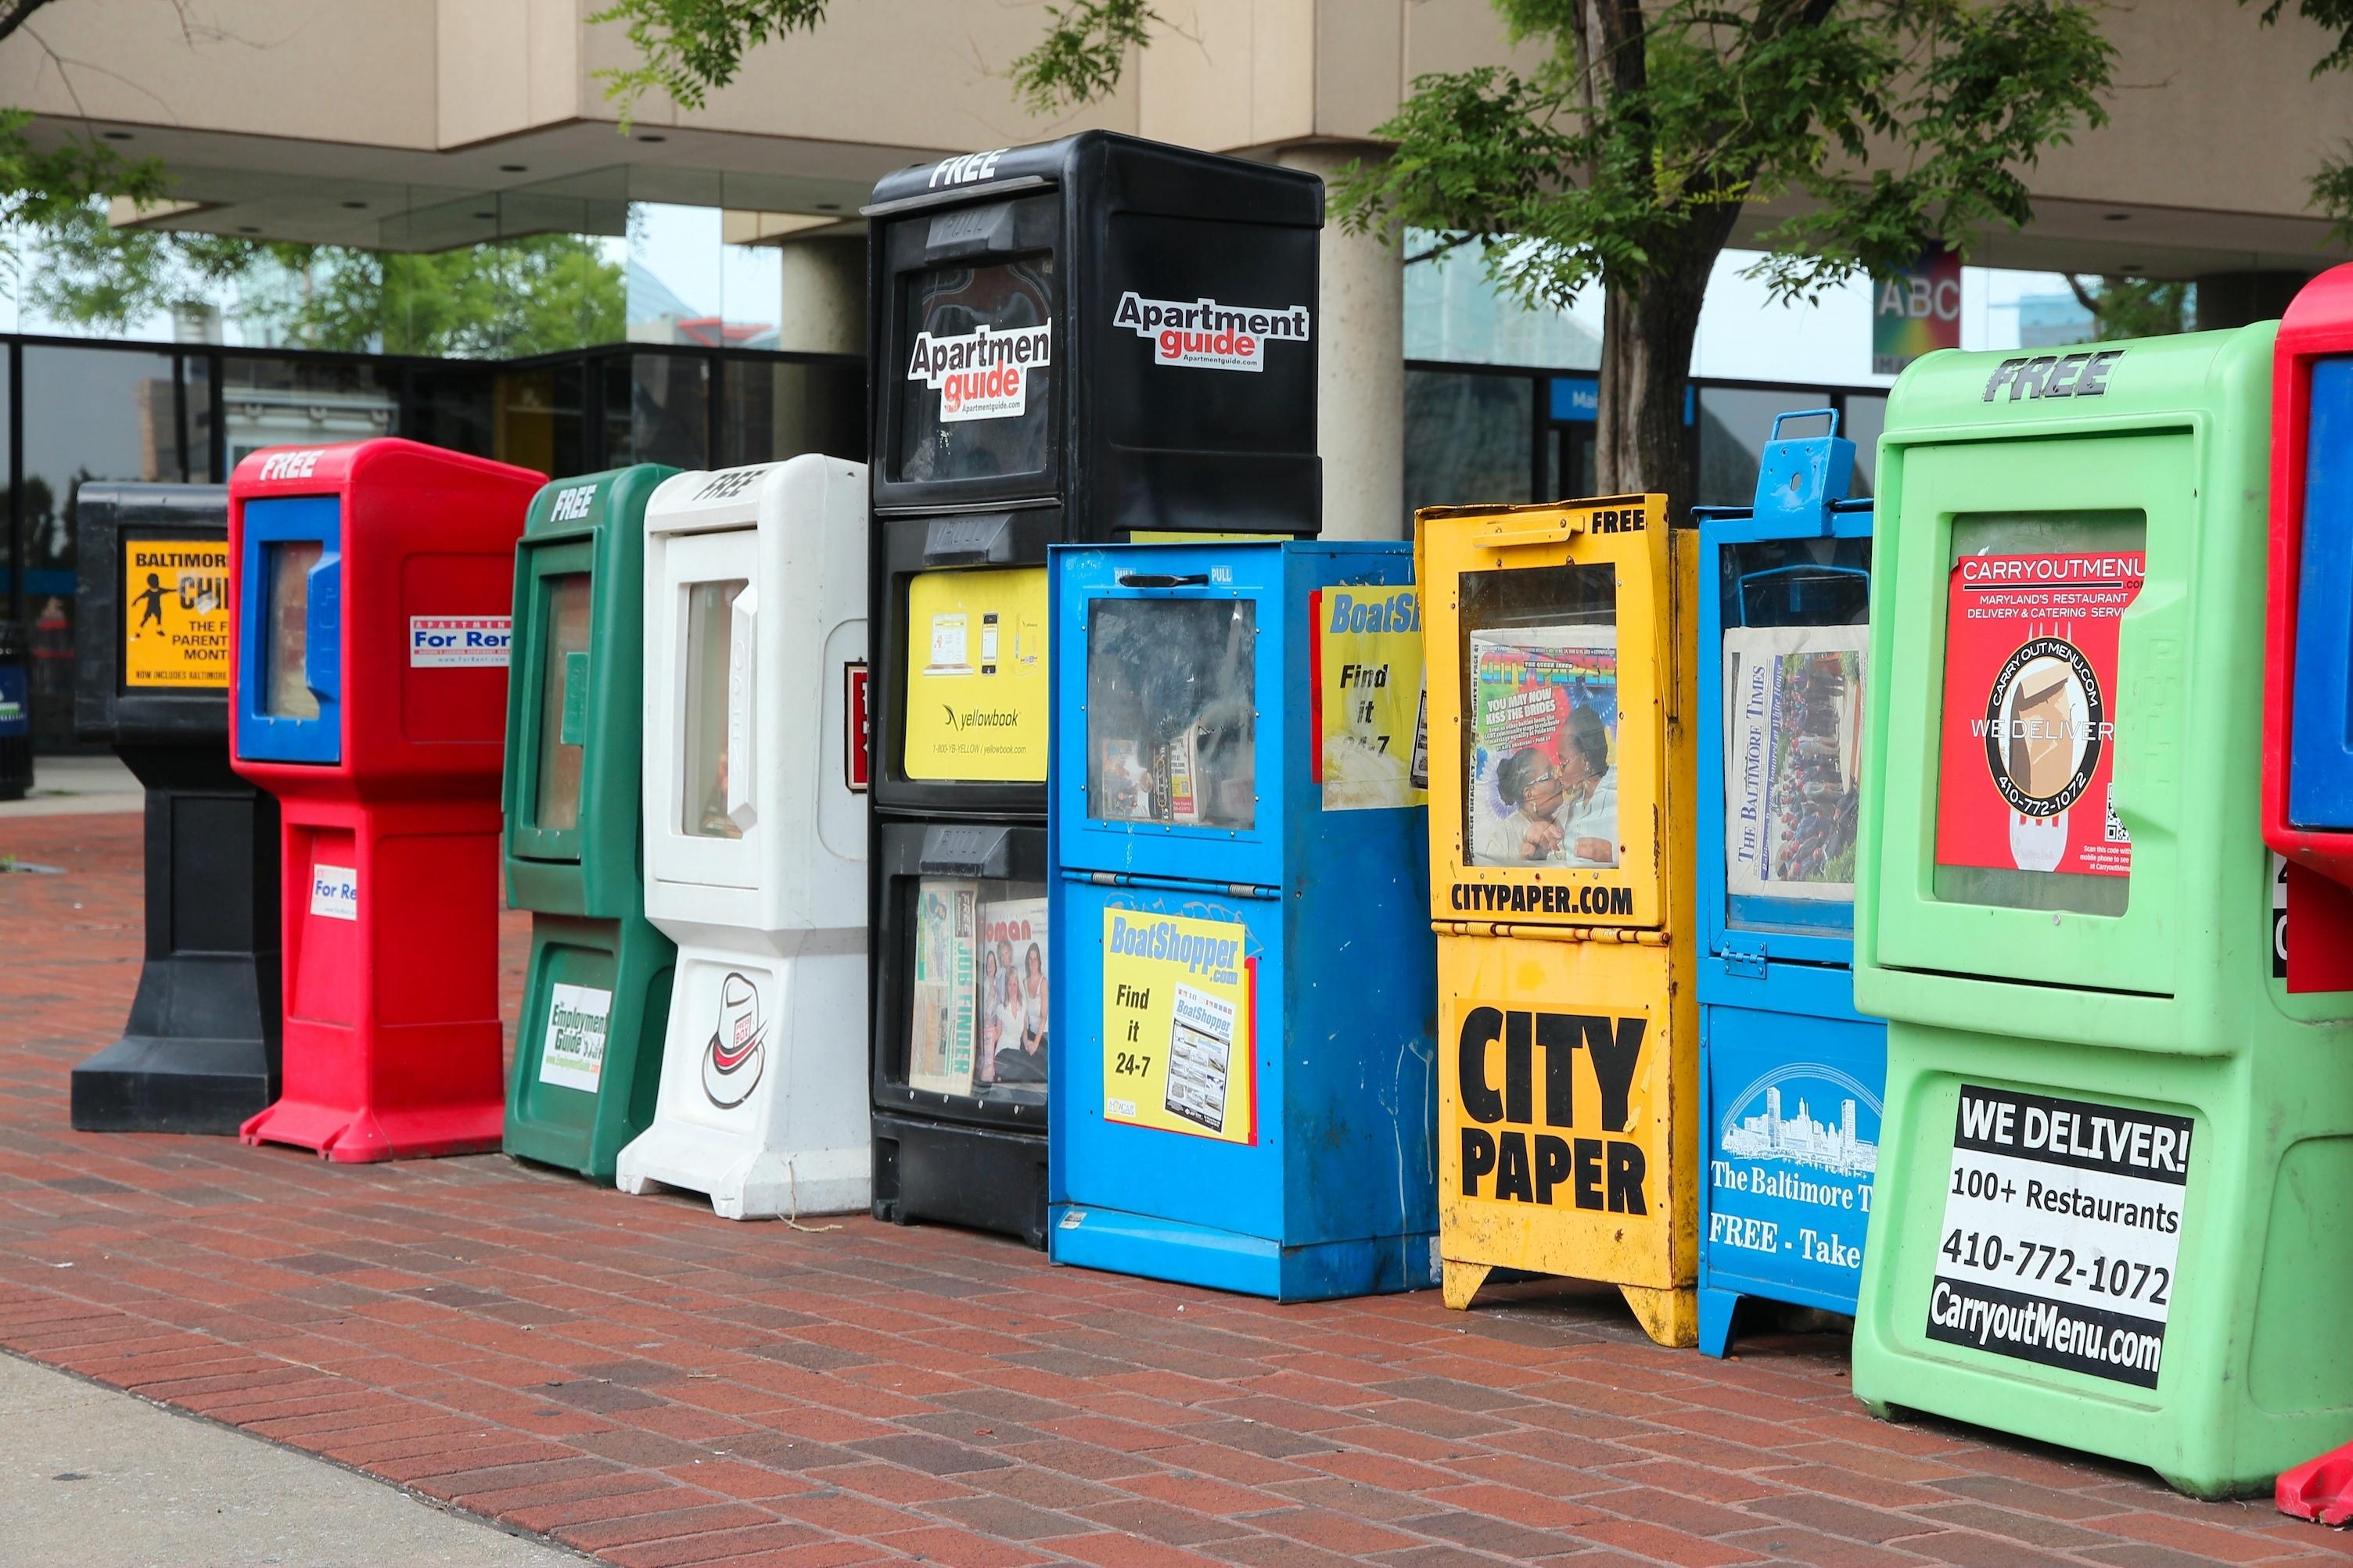 Rangée de boîtes de journaux dans une rue de centre-ville (© Tupungato/Shutterstock.com)